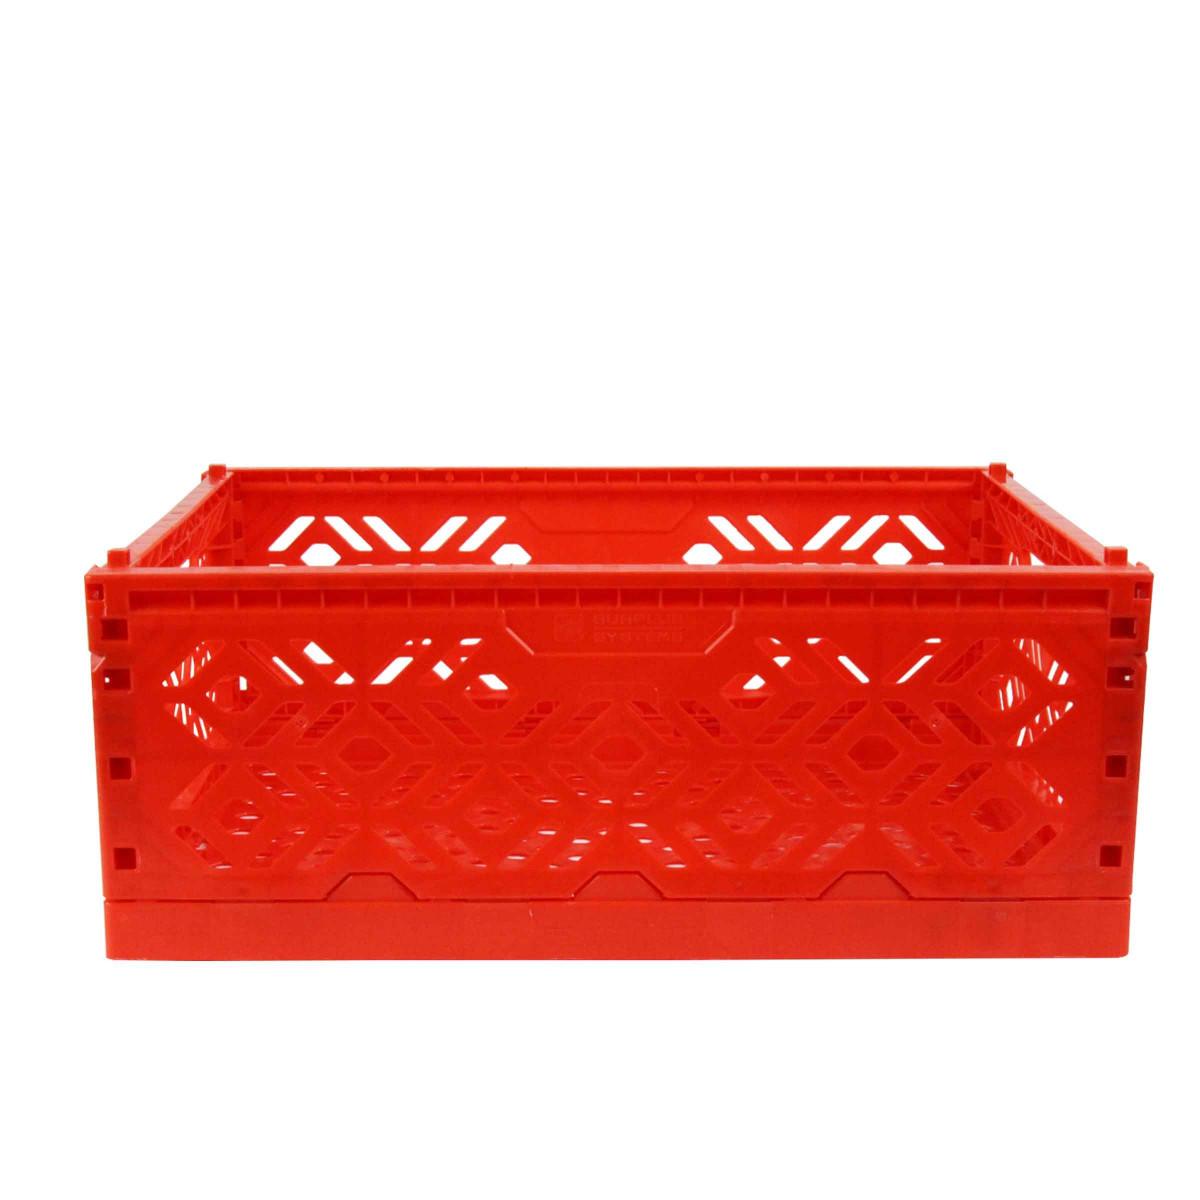 cagette empilable et pliable rouge garage. Black Bedroom Furniture Sets. Home Design Ideas